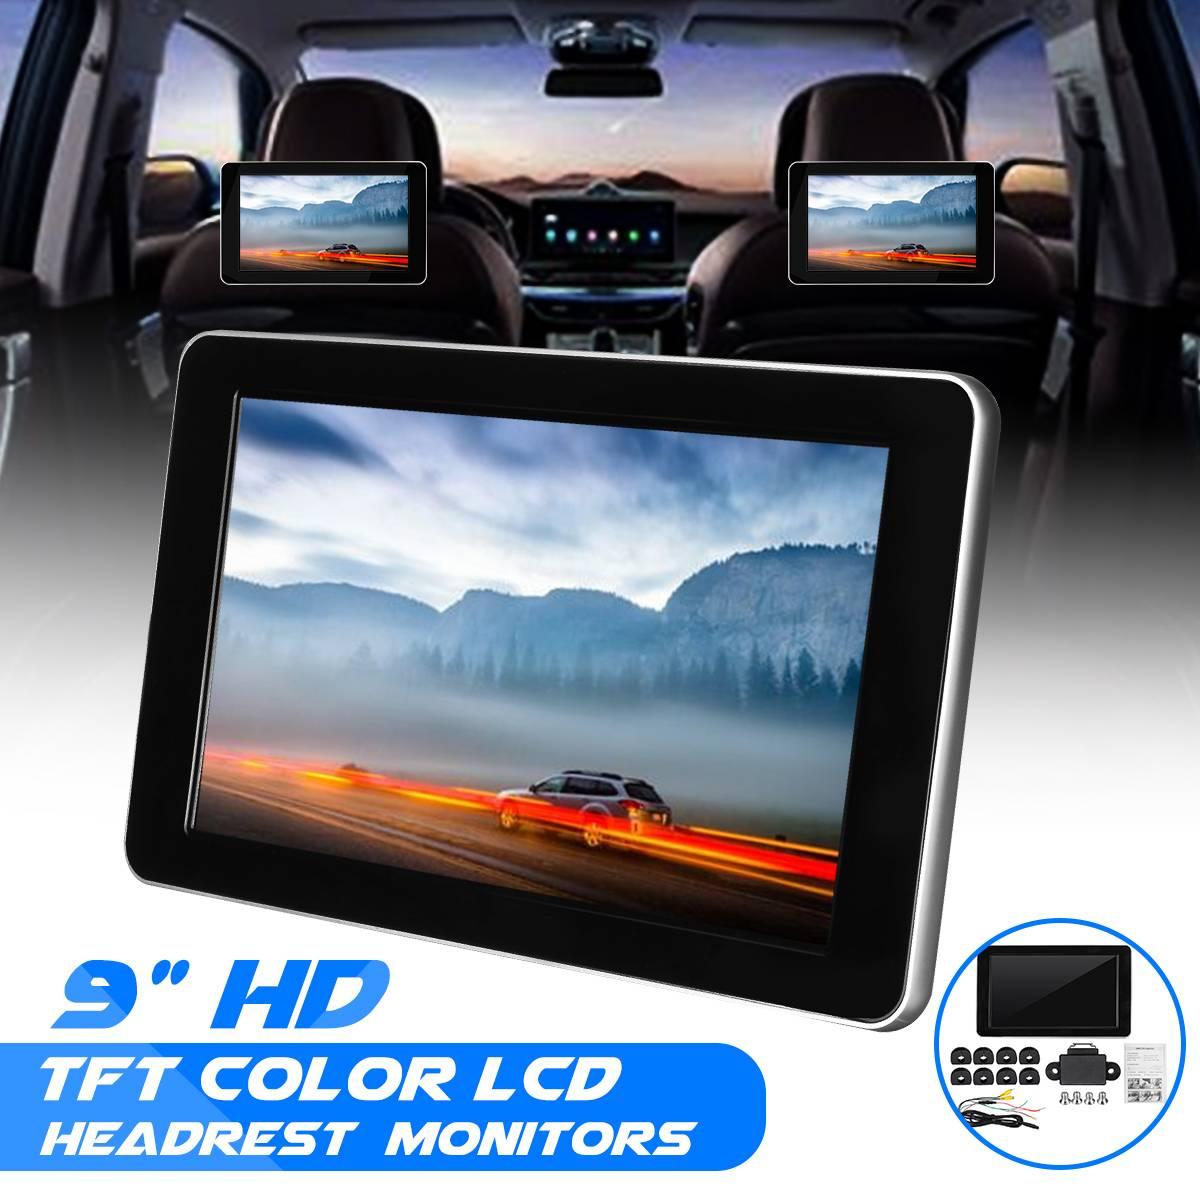 9 Inch Car Headrest Display TFT LCD Screen Car Player Headrest Monitor Support AV Support Backup Car Camera Display Video 918AV